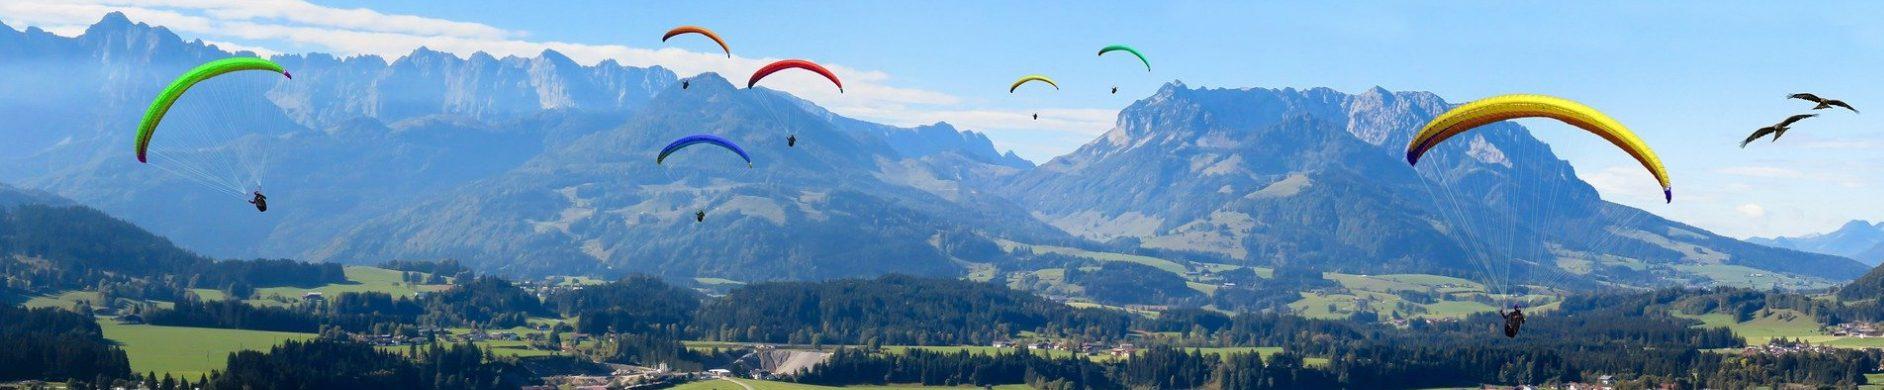 Parapente+Guide+Haute+Montagne - Les matins du monde